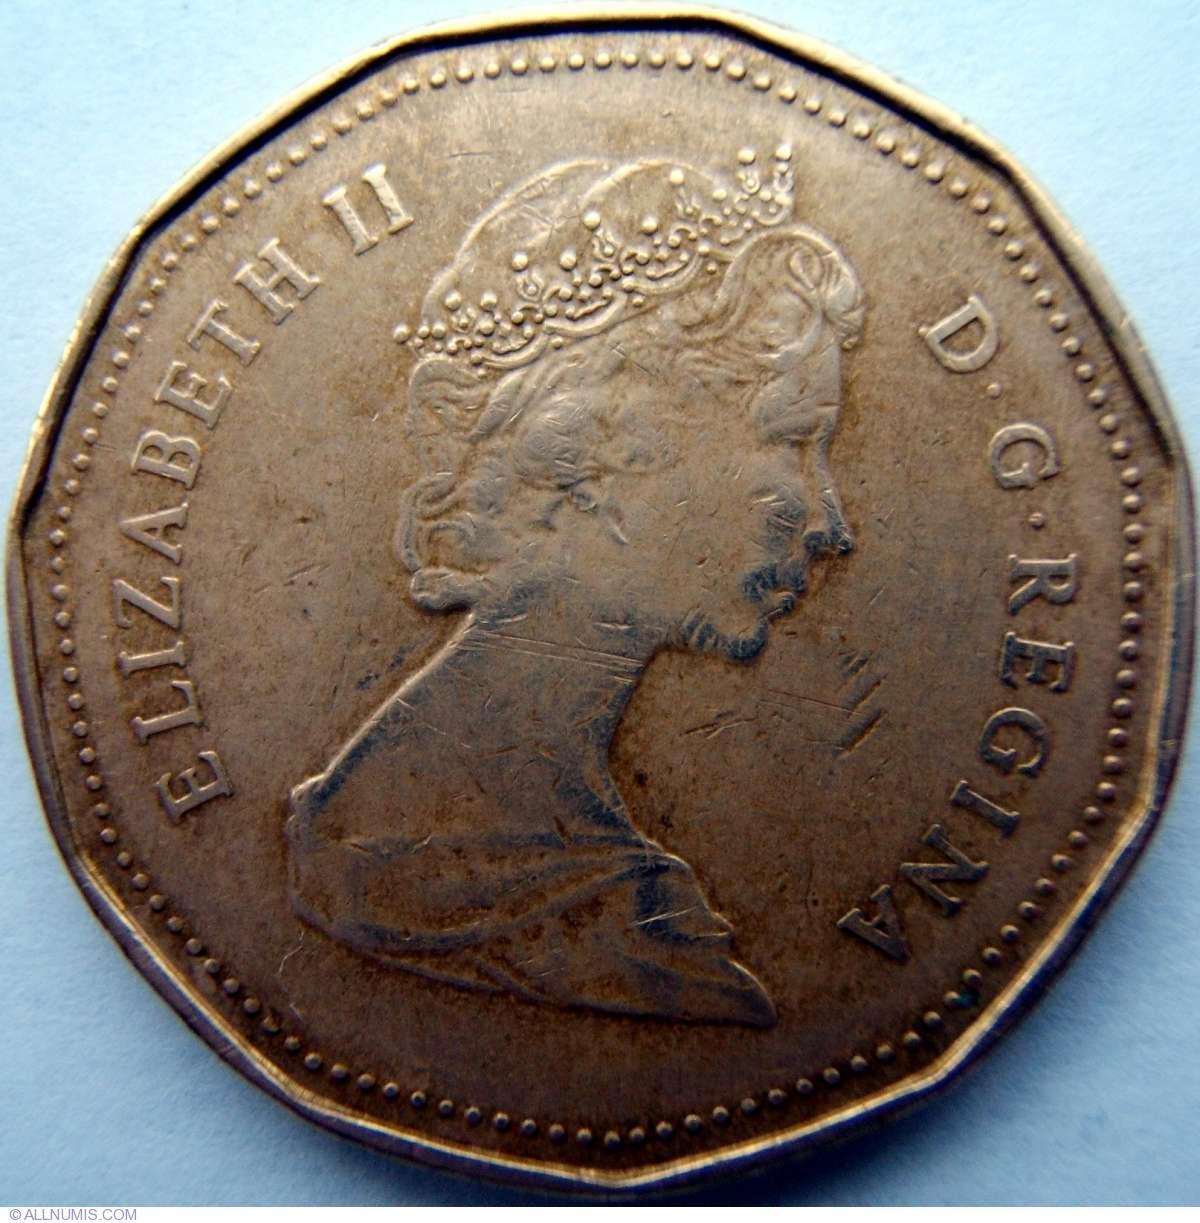 1 Dollar 1987 Elizabeth Ii 1953 Present Canada Coin 2258